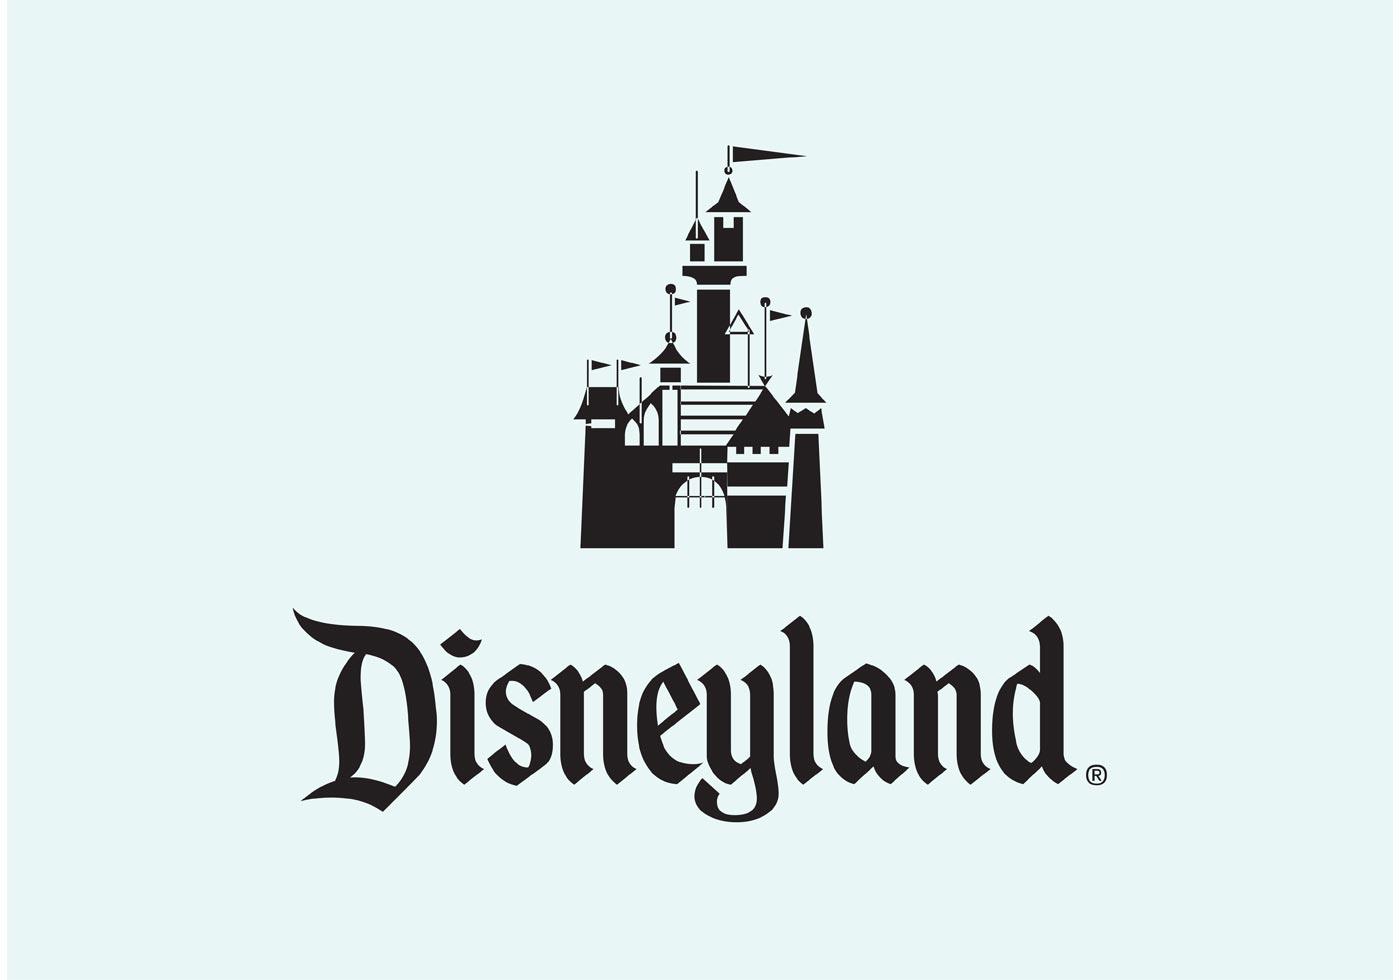 Disneyland - Download Free Vector Art, Stock Graphics & Images